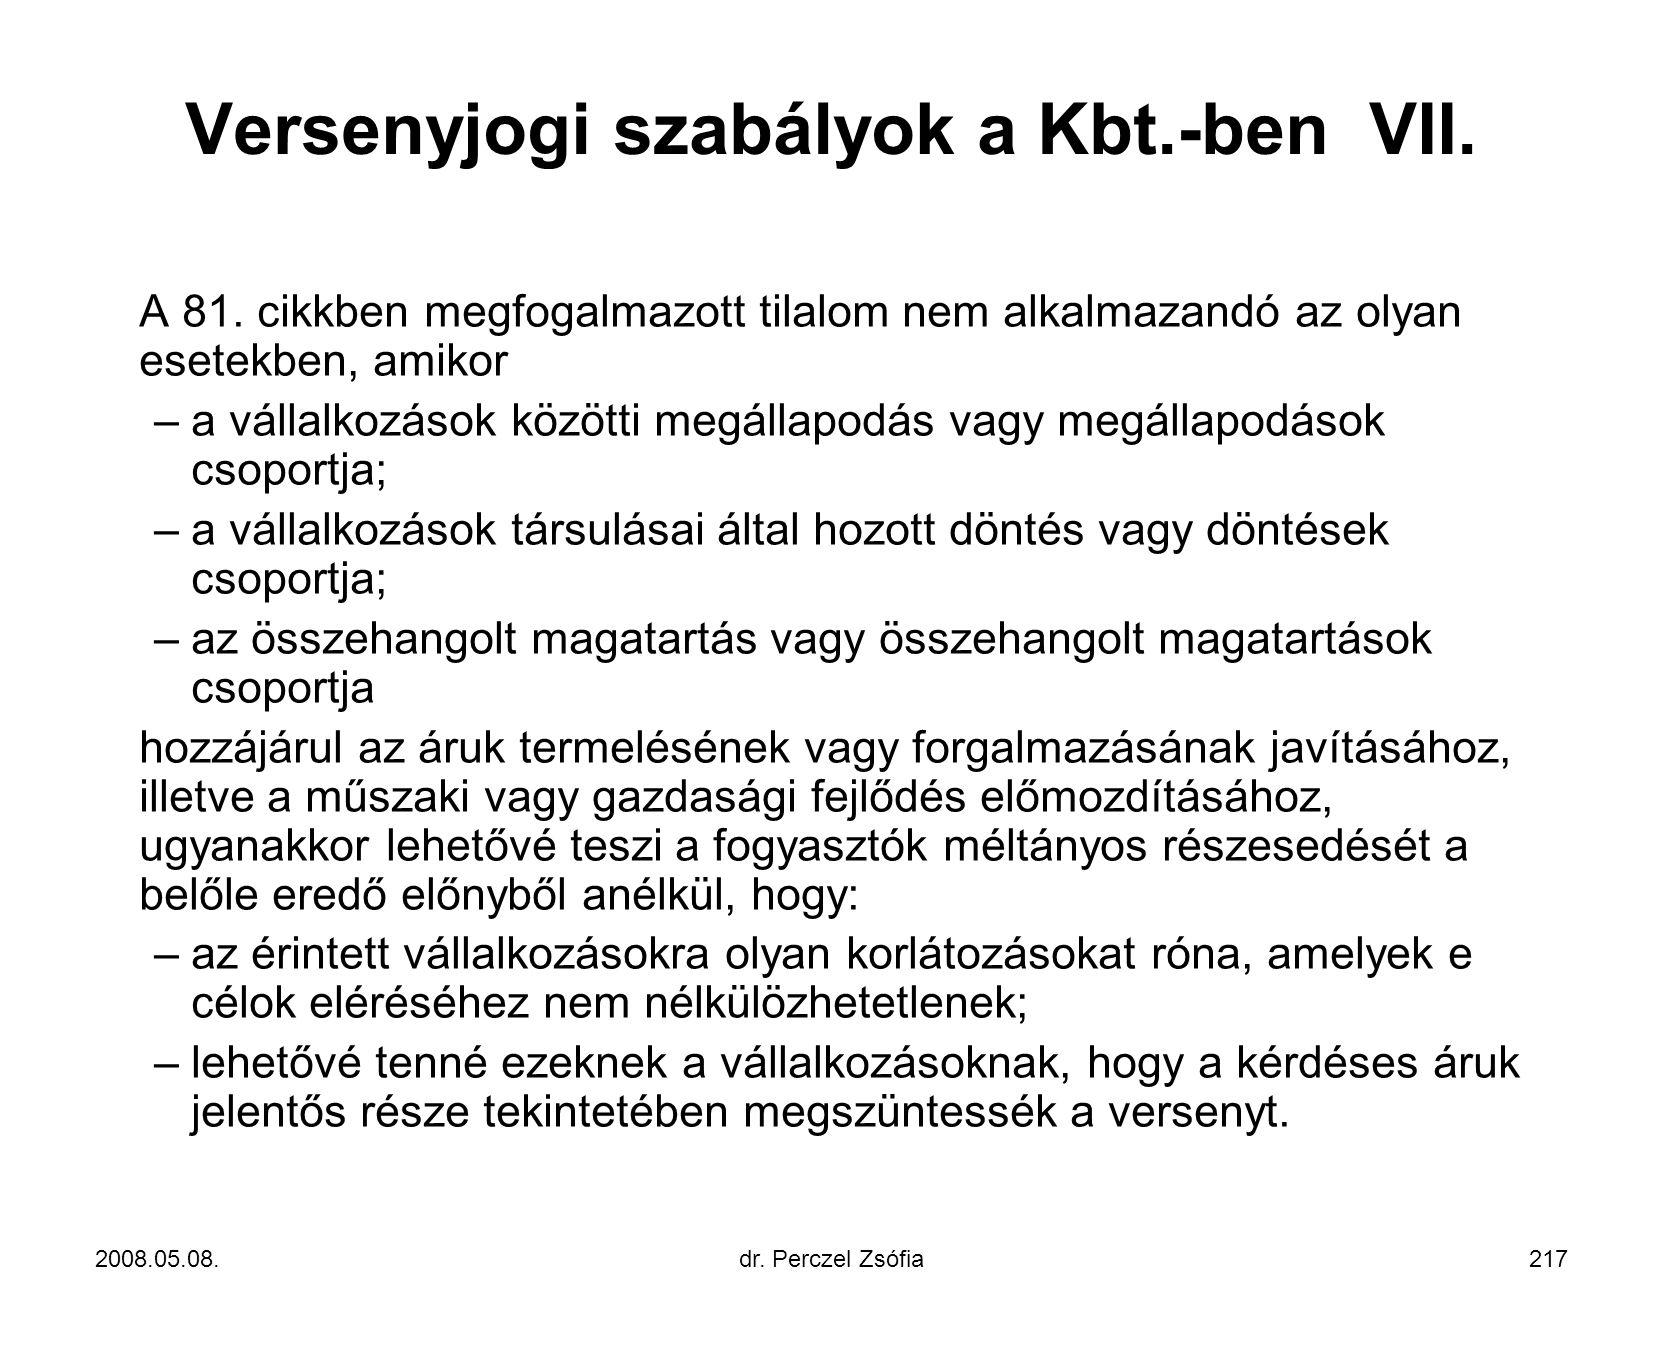 Versenyjogi szabályok a Kbt.-ben VII.